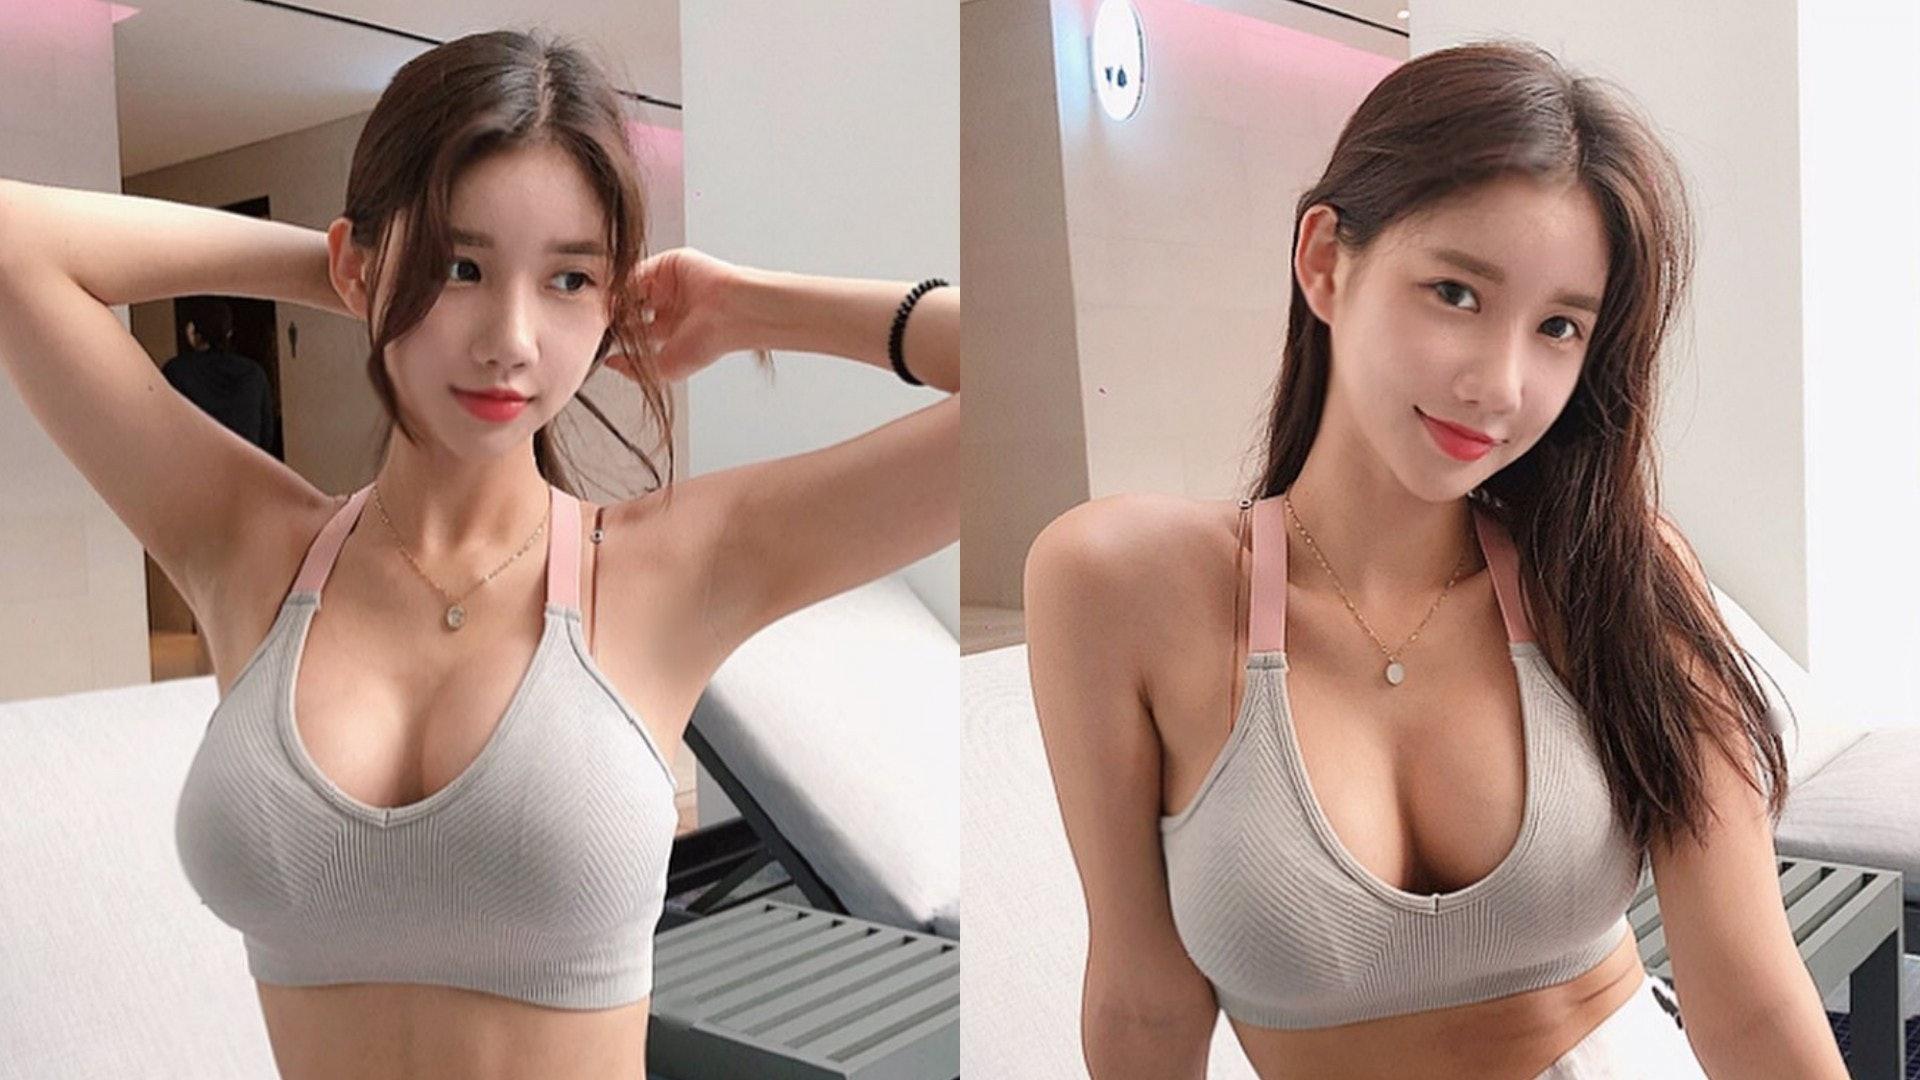 醫美護士 外型姣好亮眼 妹妹身體敏感 讓你體驗台南外約性愛高潮